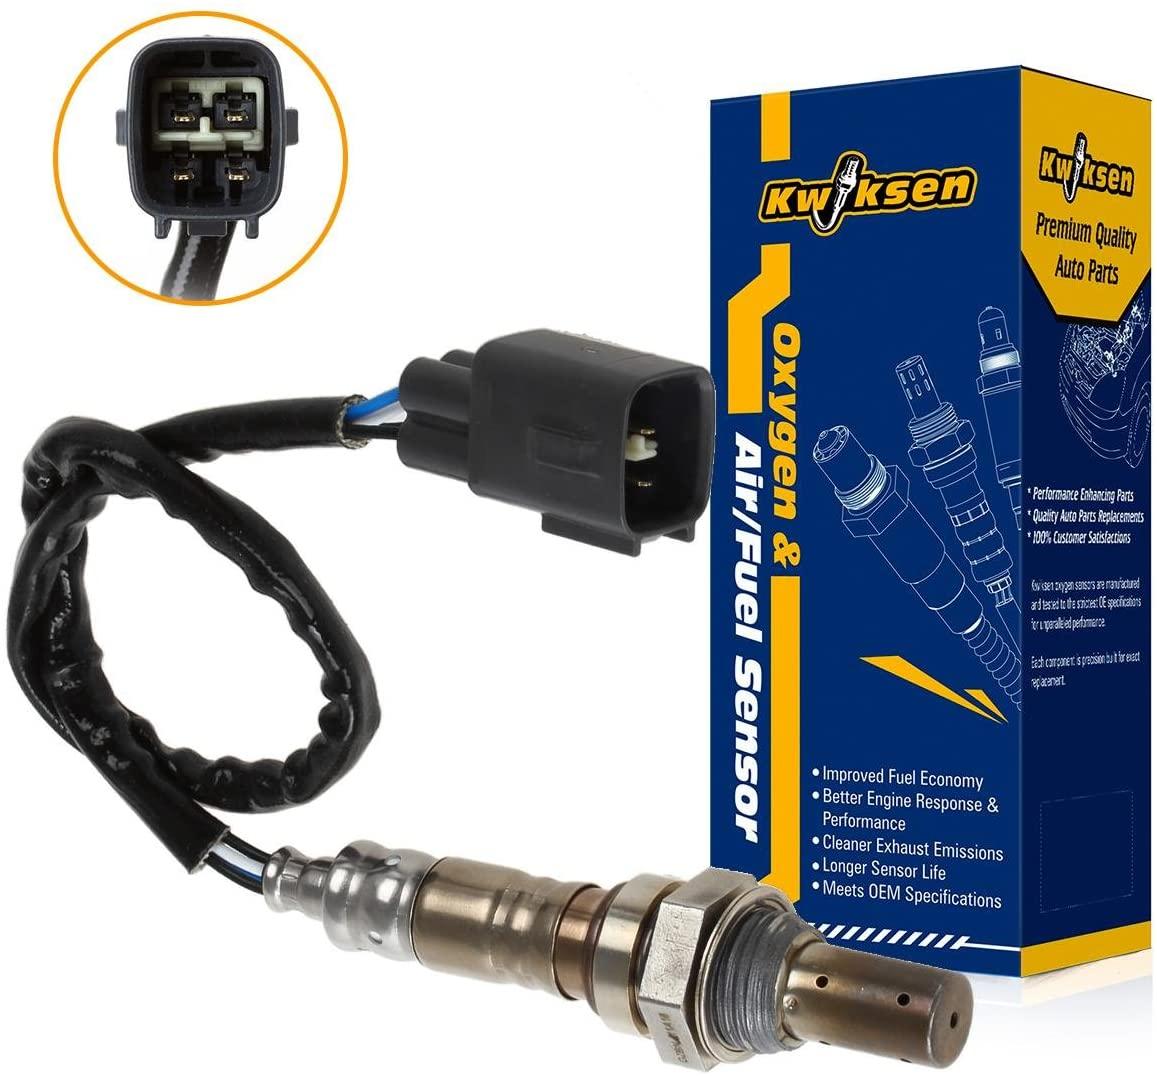 Kwiksen Air Fuel Ratio Upstream Sensor 234-9021 Replacement for Solara 3.0L Auto Trans 2001 2002 2003